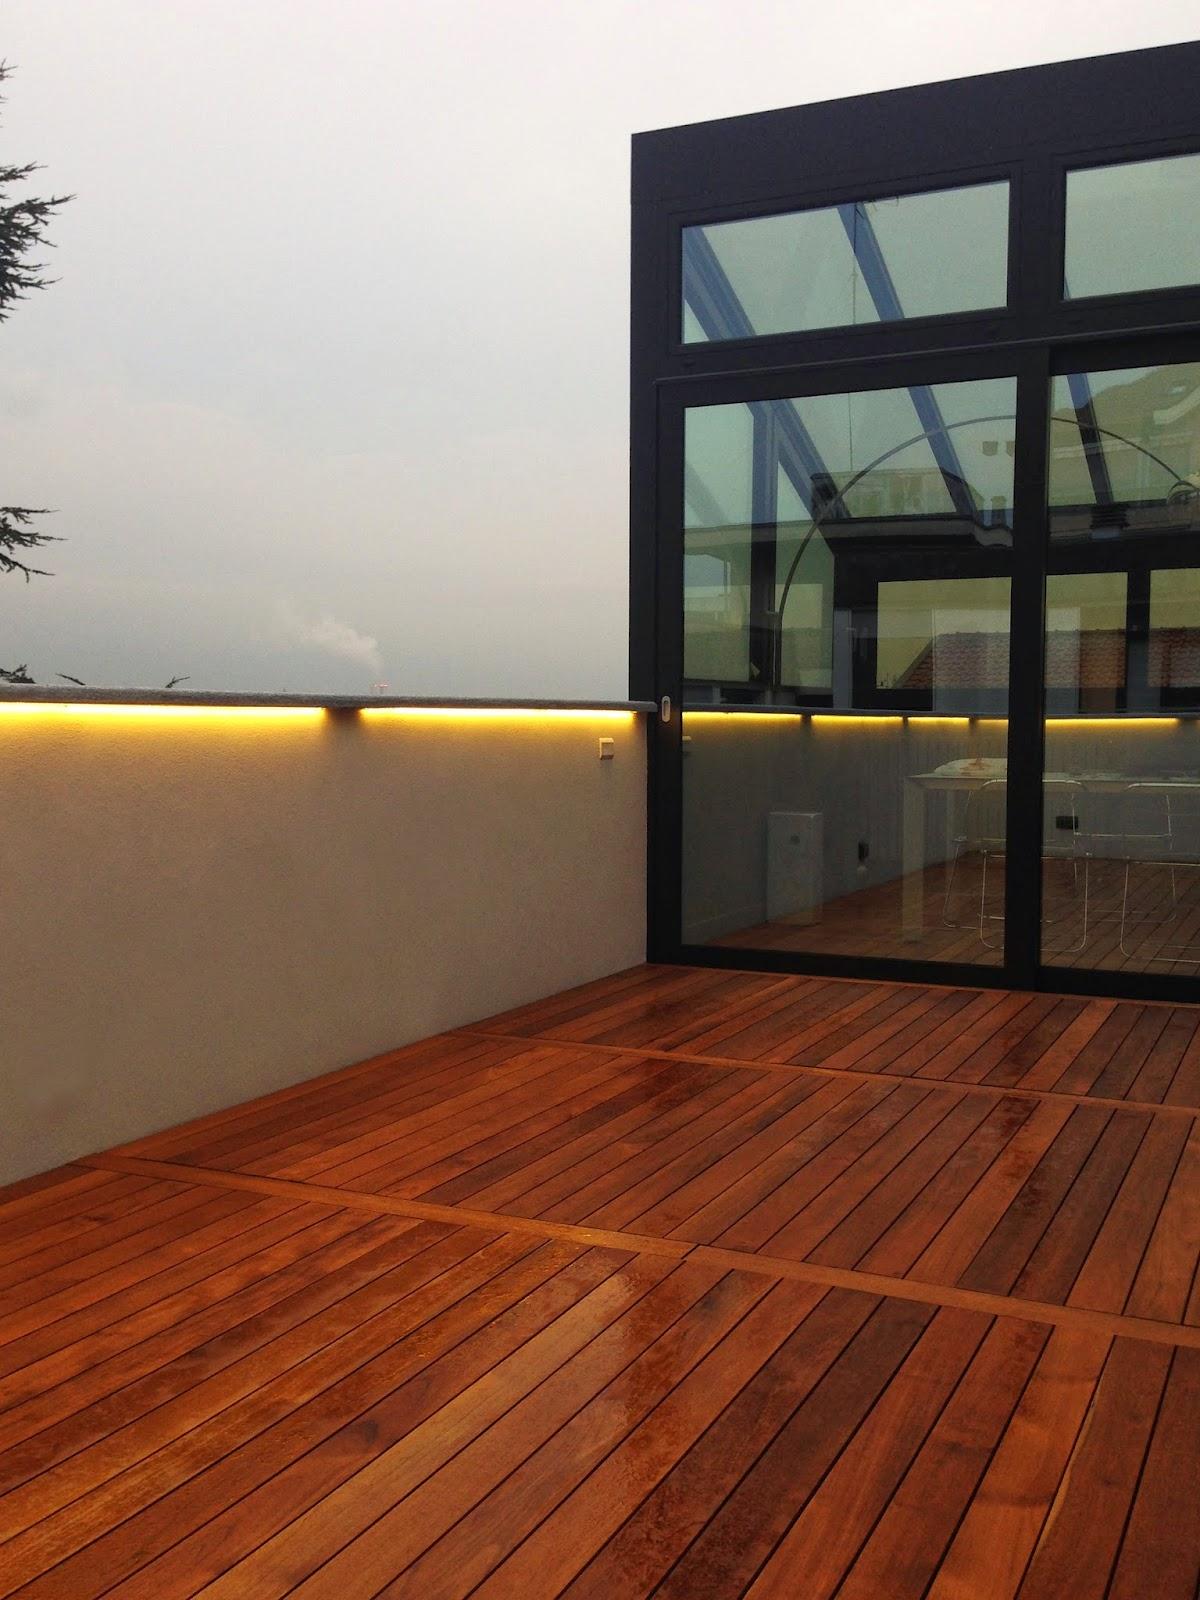 Illuminazione led casa marzo 2014 for Illuminazione led casa esterno